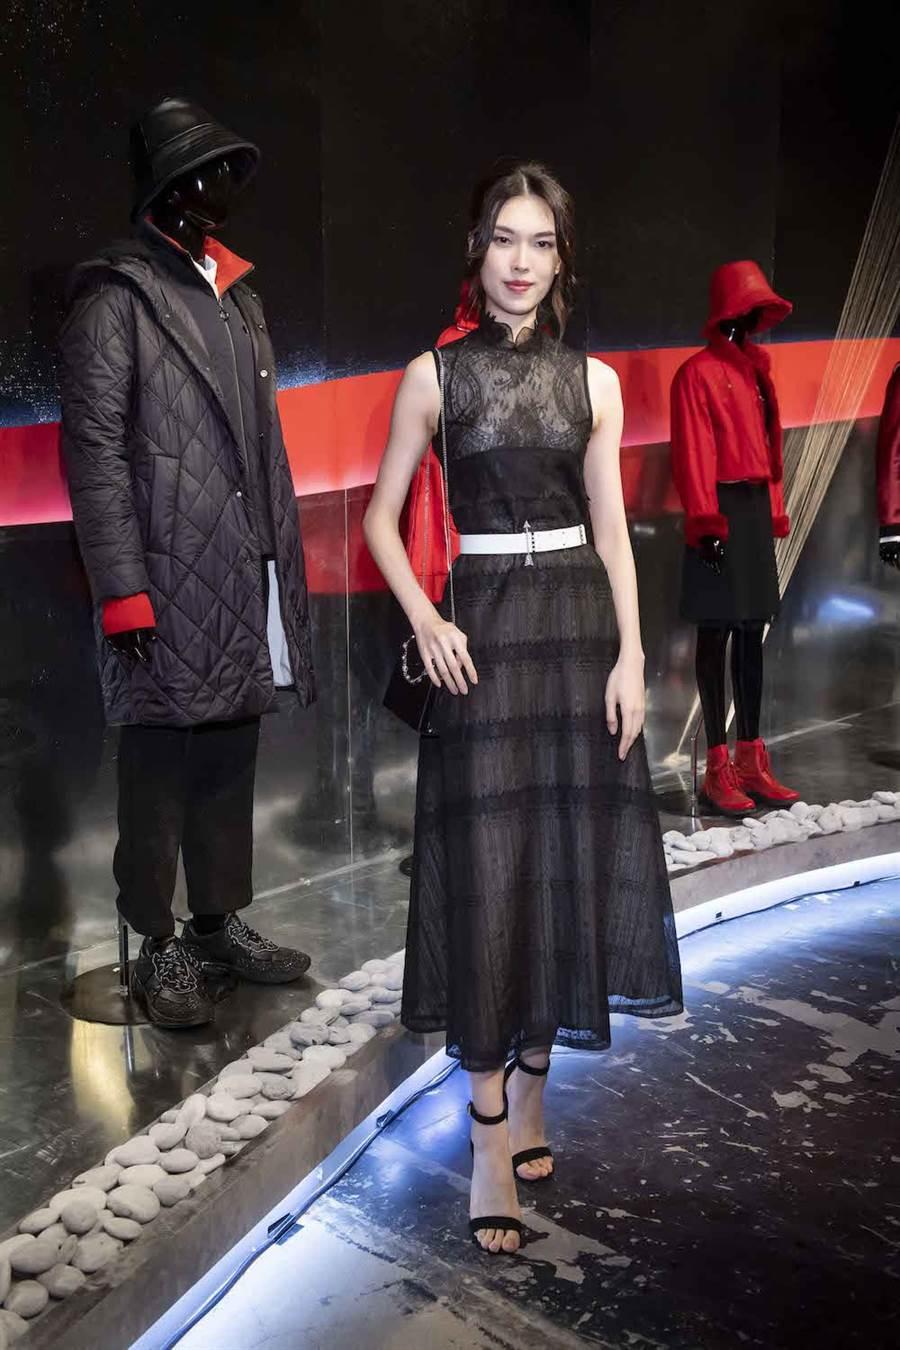 王思偉穿著夏姿的黑色蕾絲刺繡洋裝,展現優雅身段。(夏姿提供)